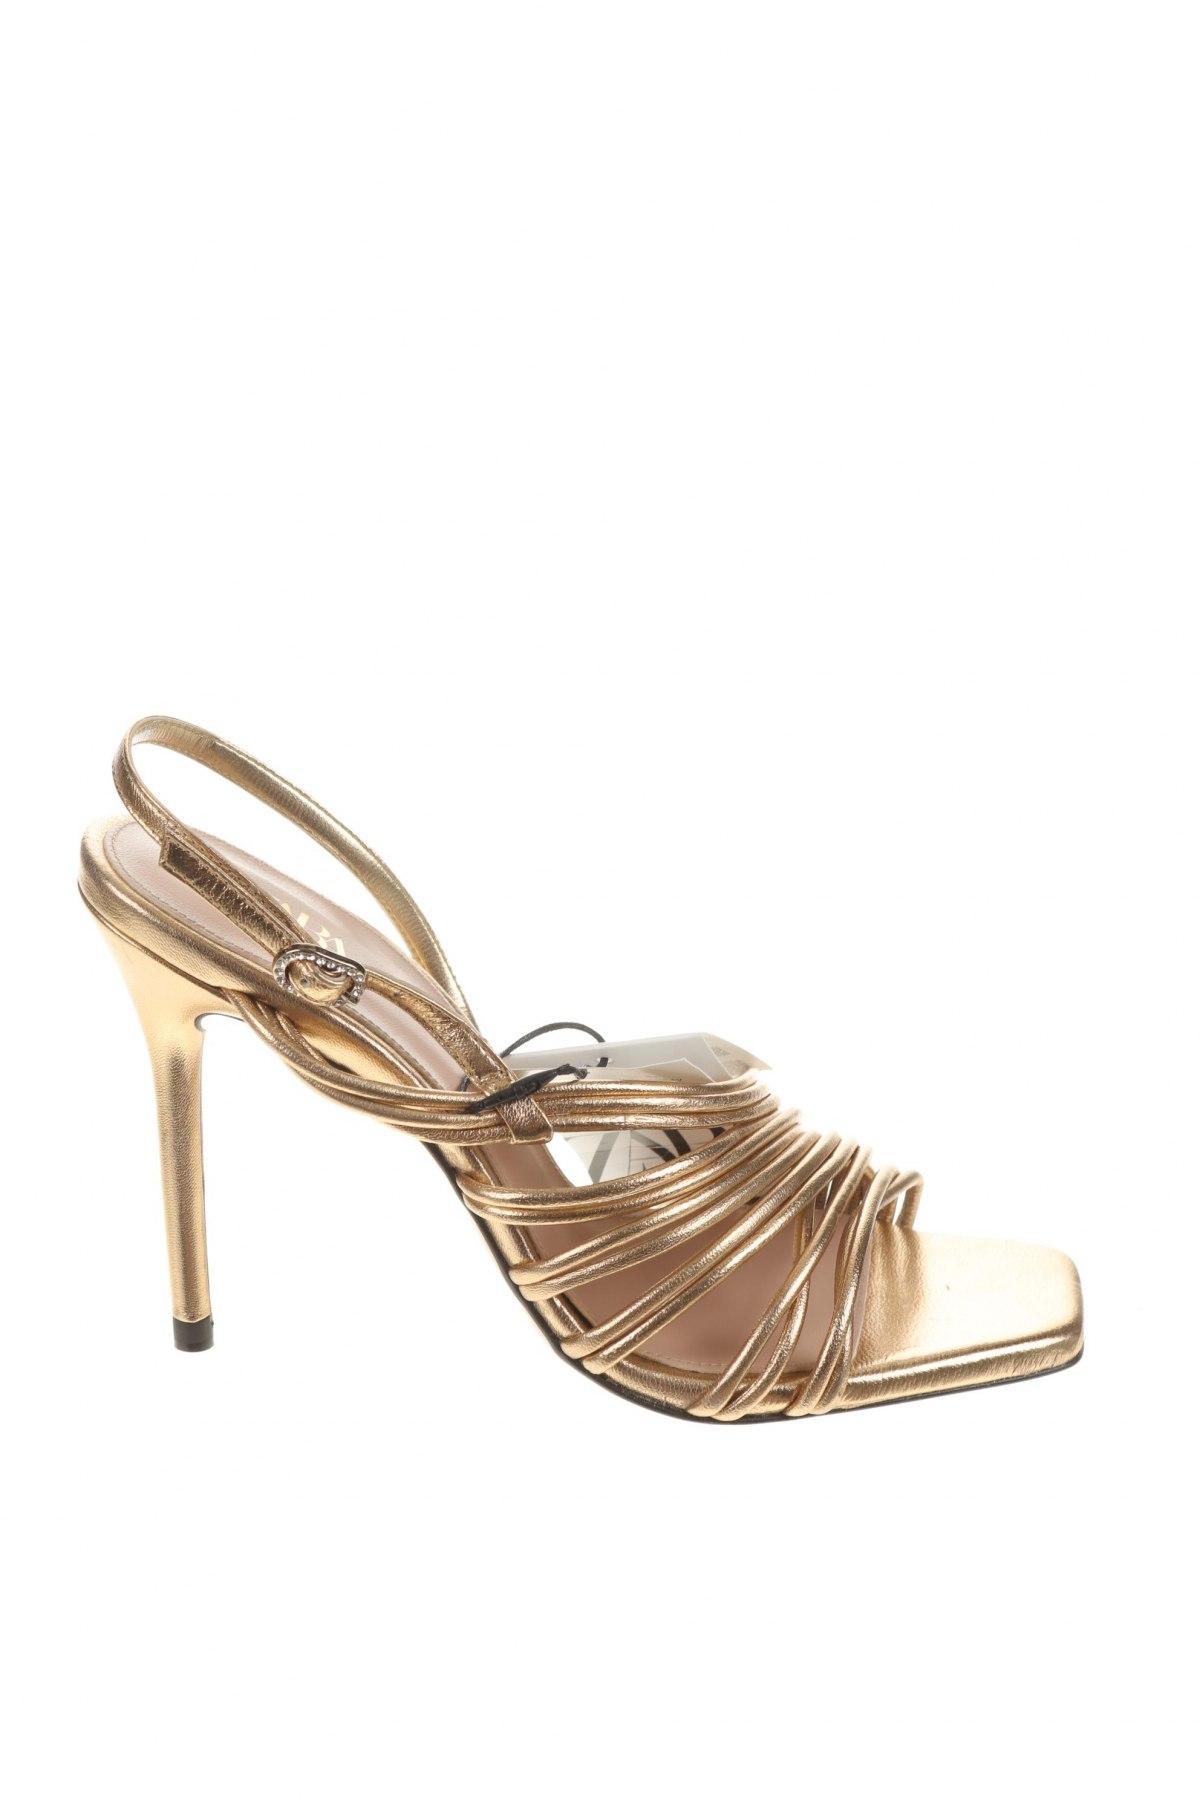 Σανδάλια Zara, Μέγεθος 37, Χρώμα Χρυσαφί, Γνήσιο δέρμα, Τιμή 38,27€